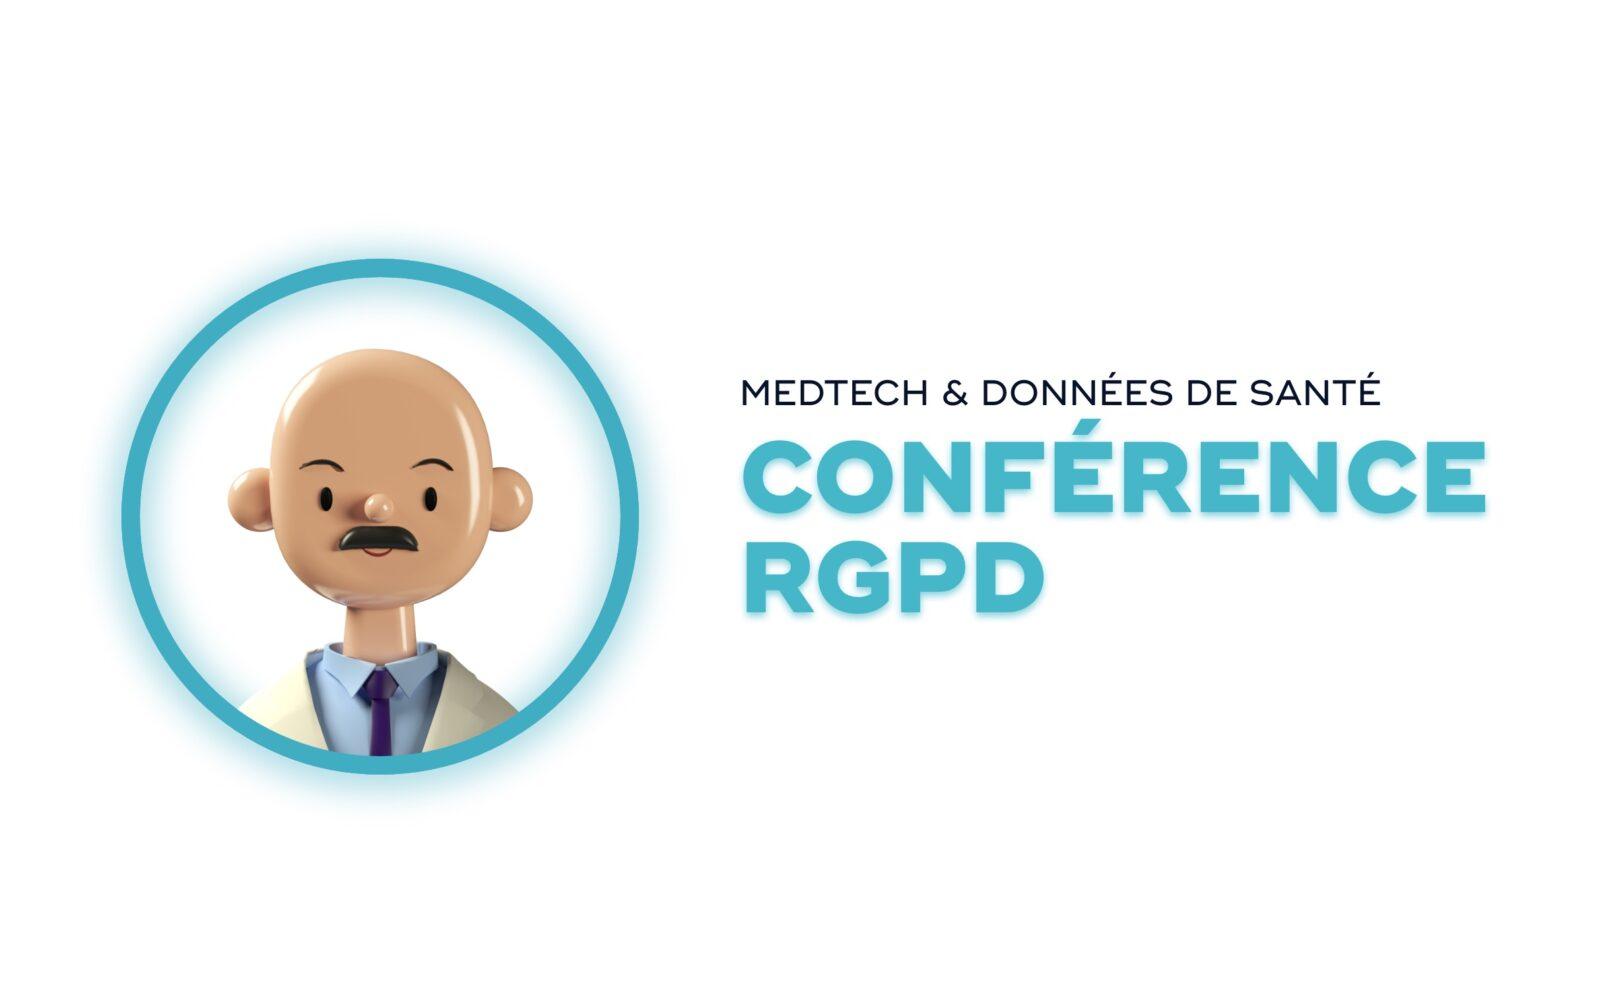 Conférence RGPD sur les données de santé